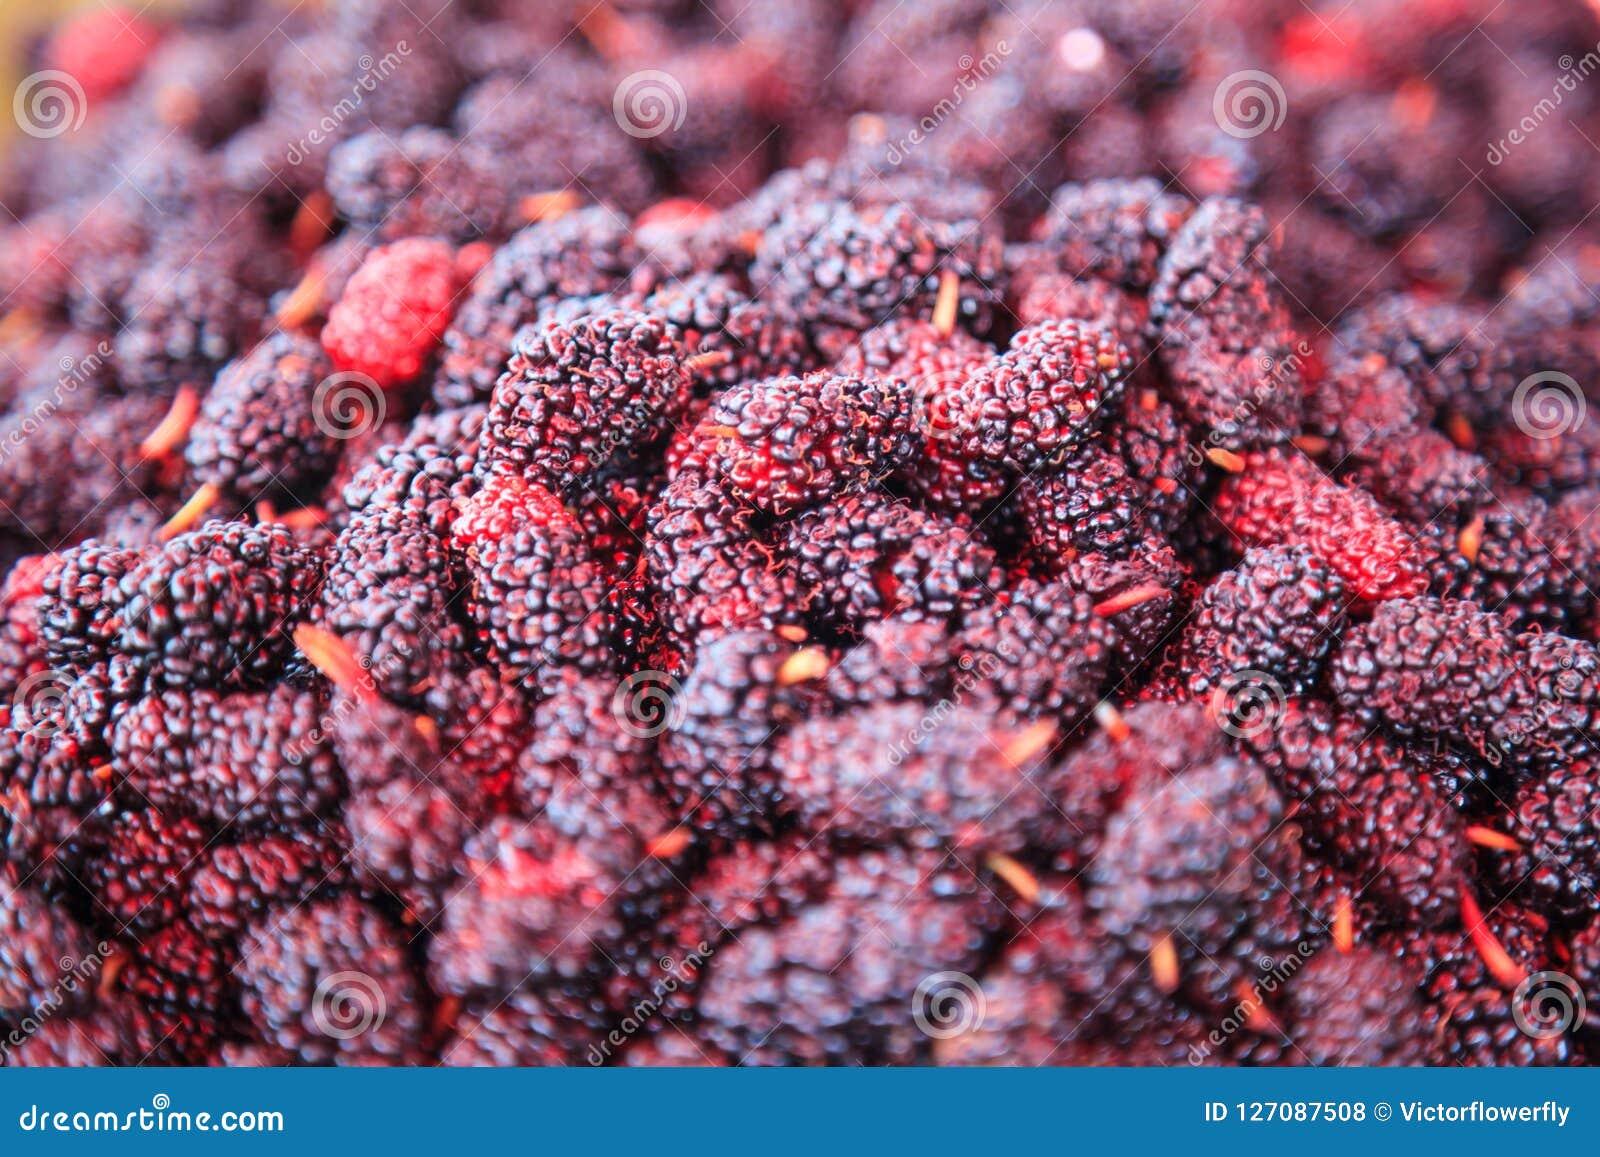 Fundo doce roxo vermelho e escuro maduro do fruto da amoreira do sabor Os benefícios de saúde das amoreiras incluem, para melhora